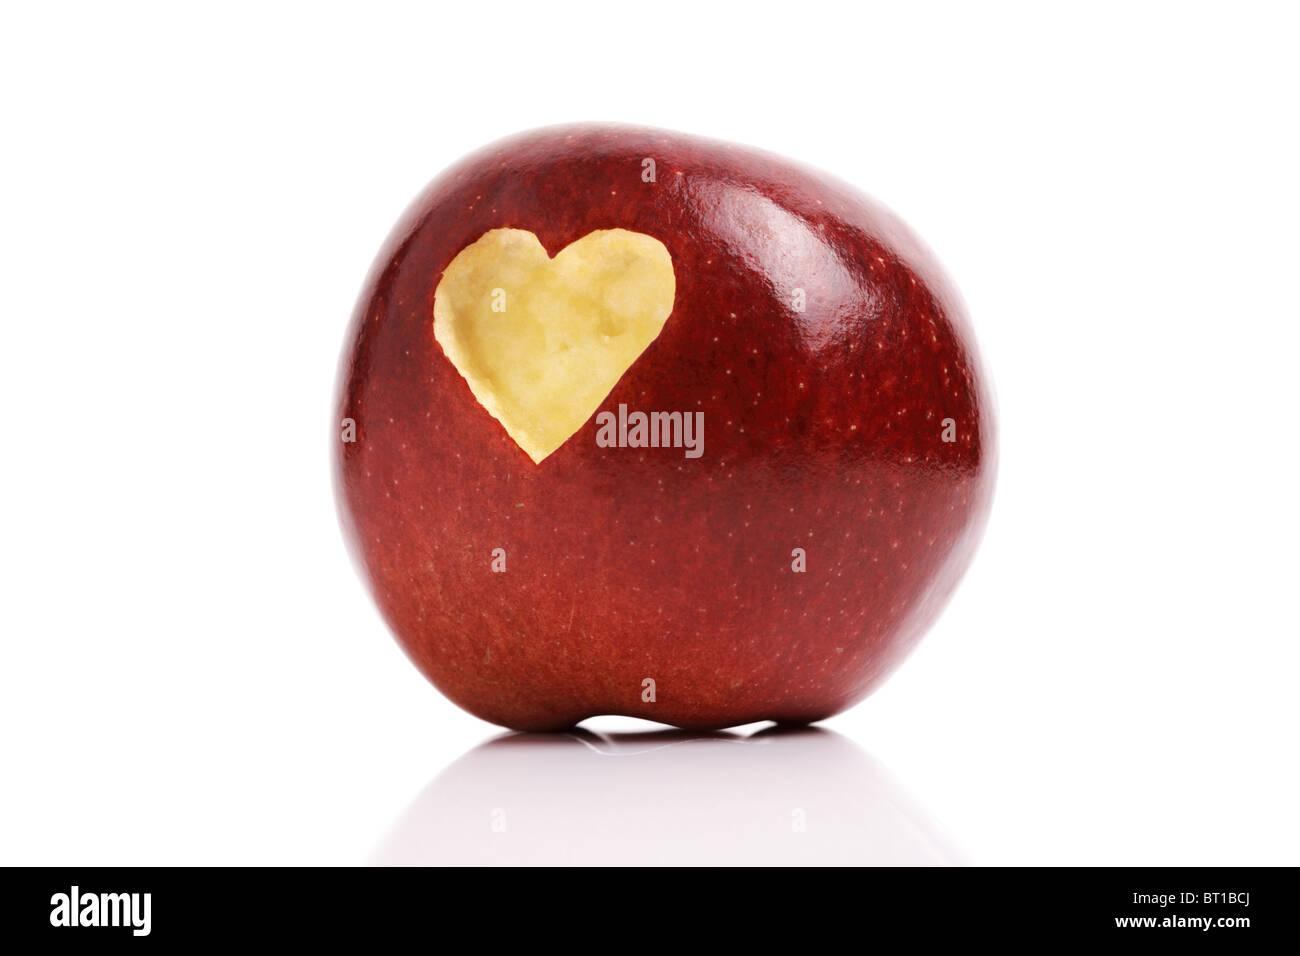 Manzana roja con el símbolo del corazón Imagen De Stock